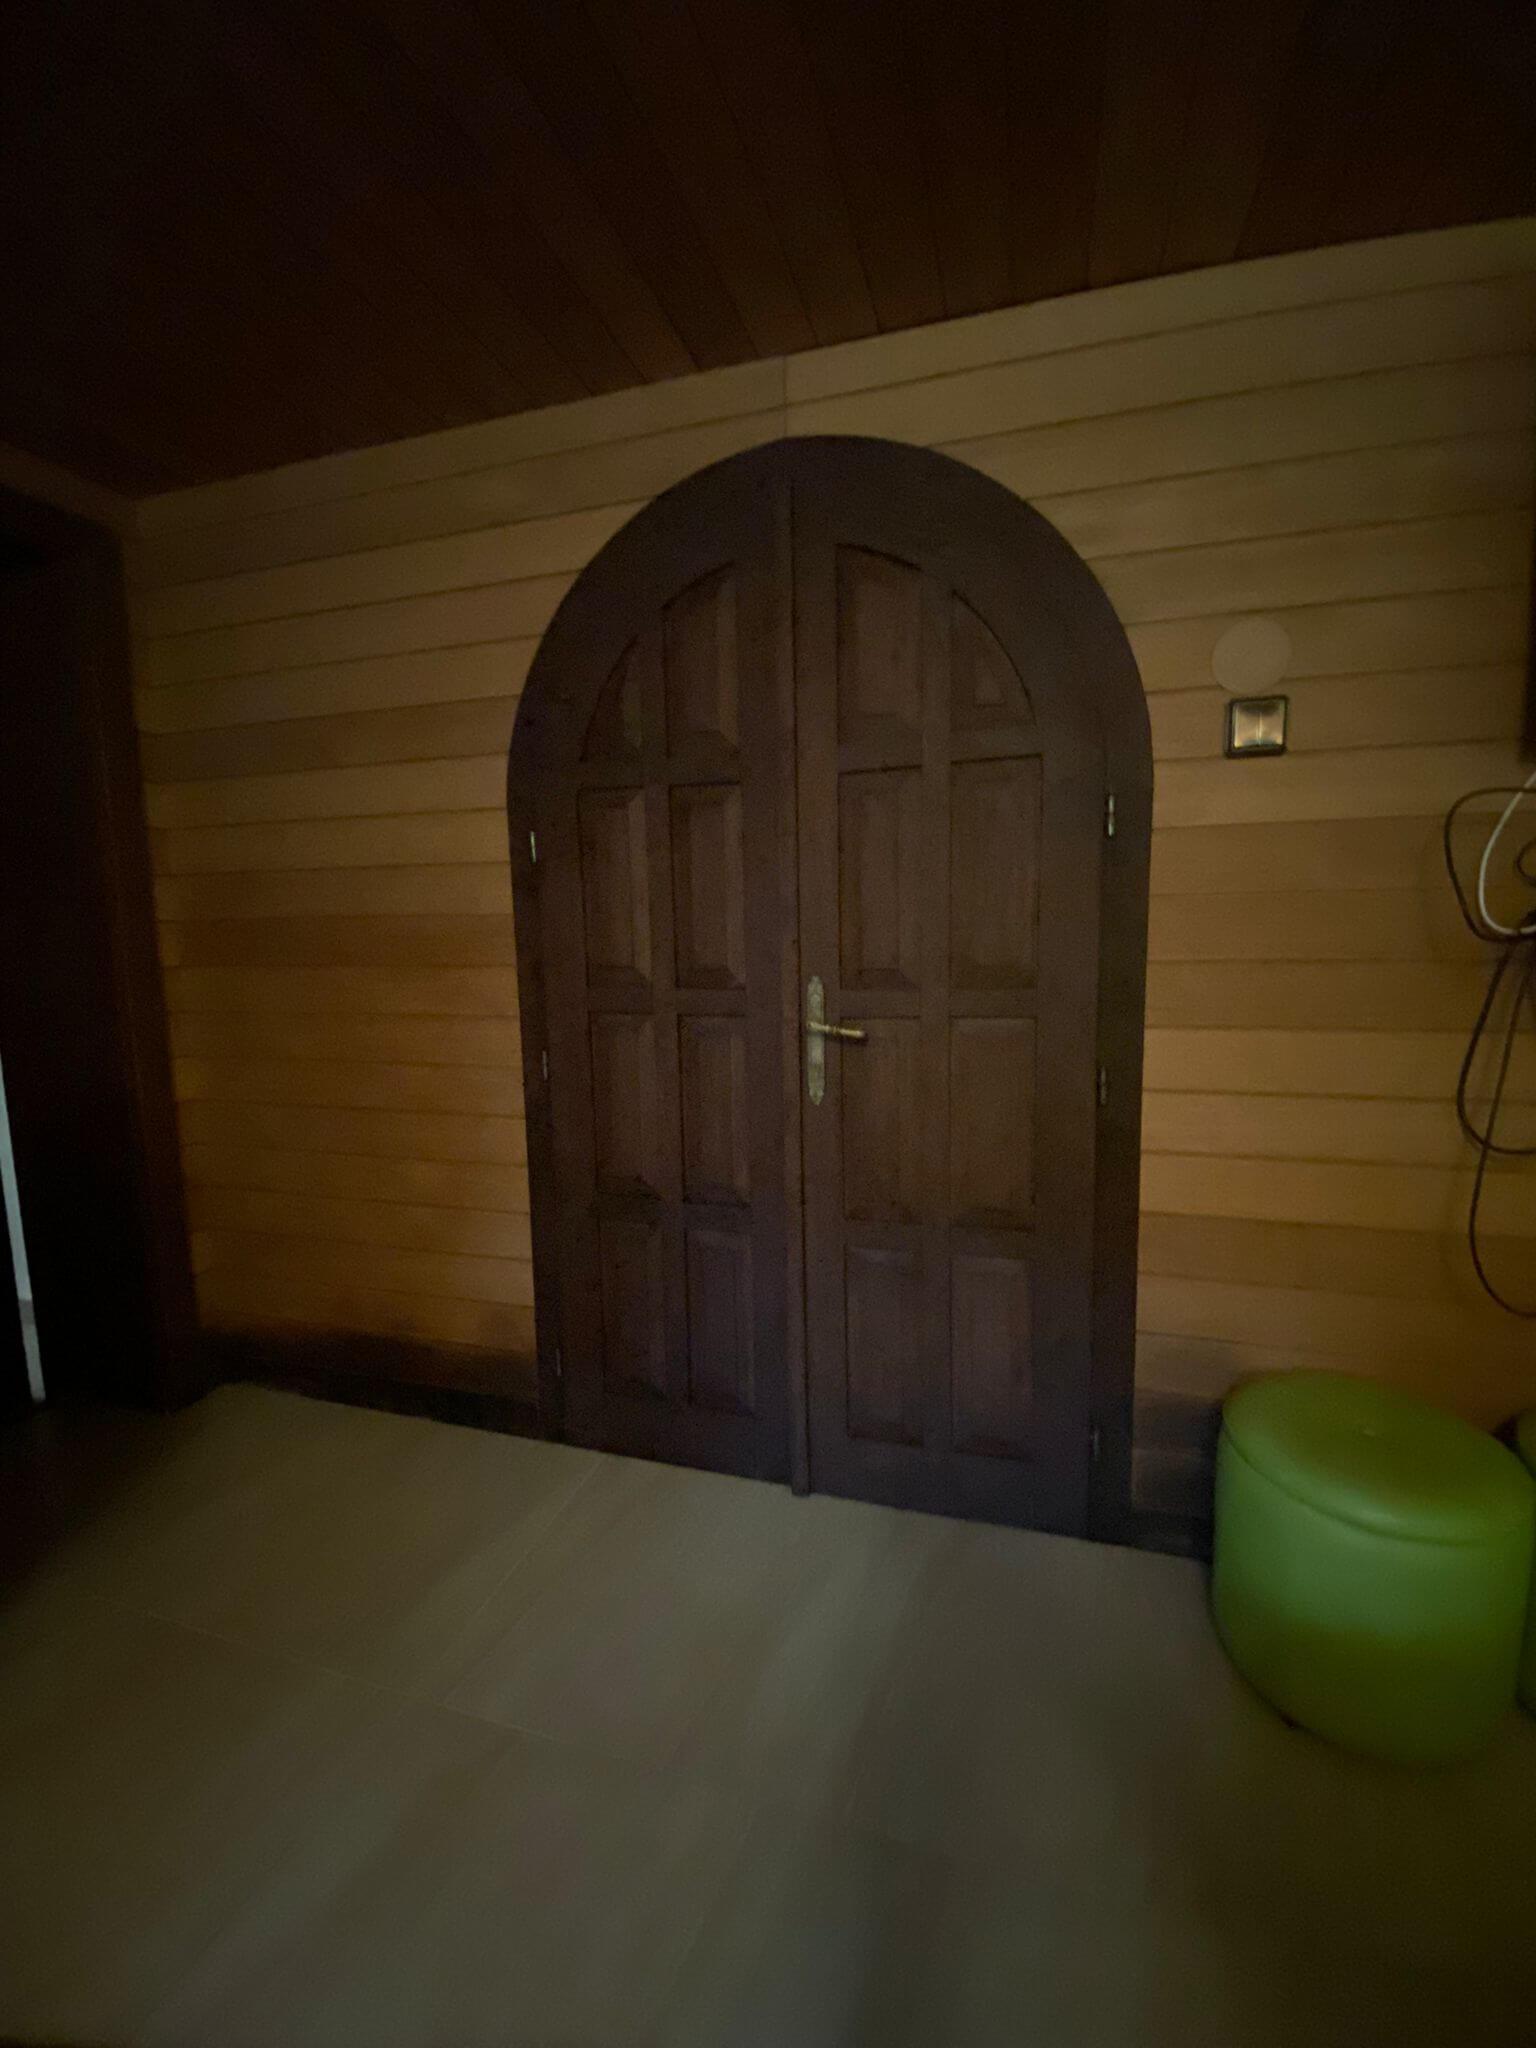 Rodinná Vila 6 izbová, úžitková 650m2, 3 podlažia, pozemok 1008m2, Lučenec – Opatová-27